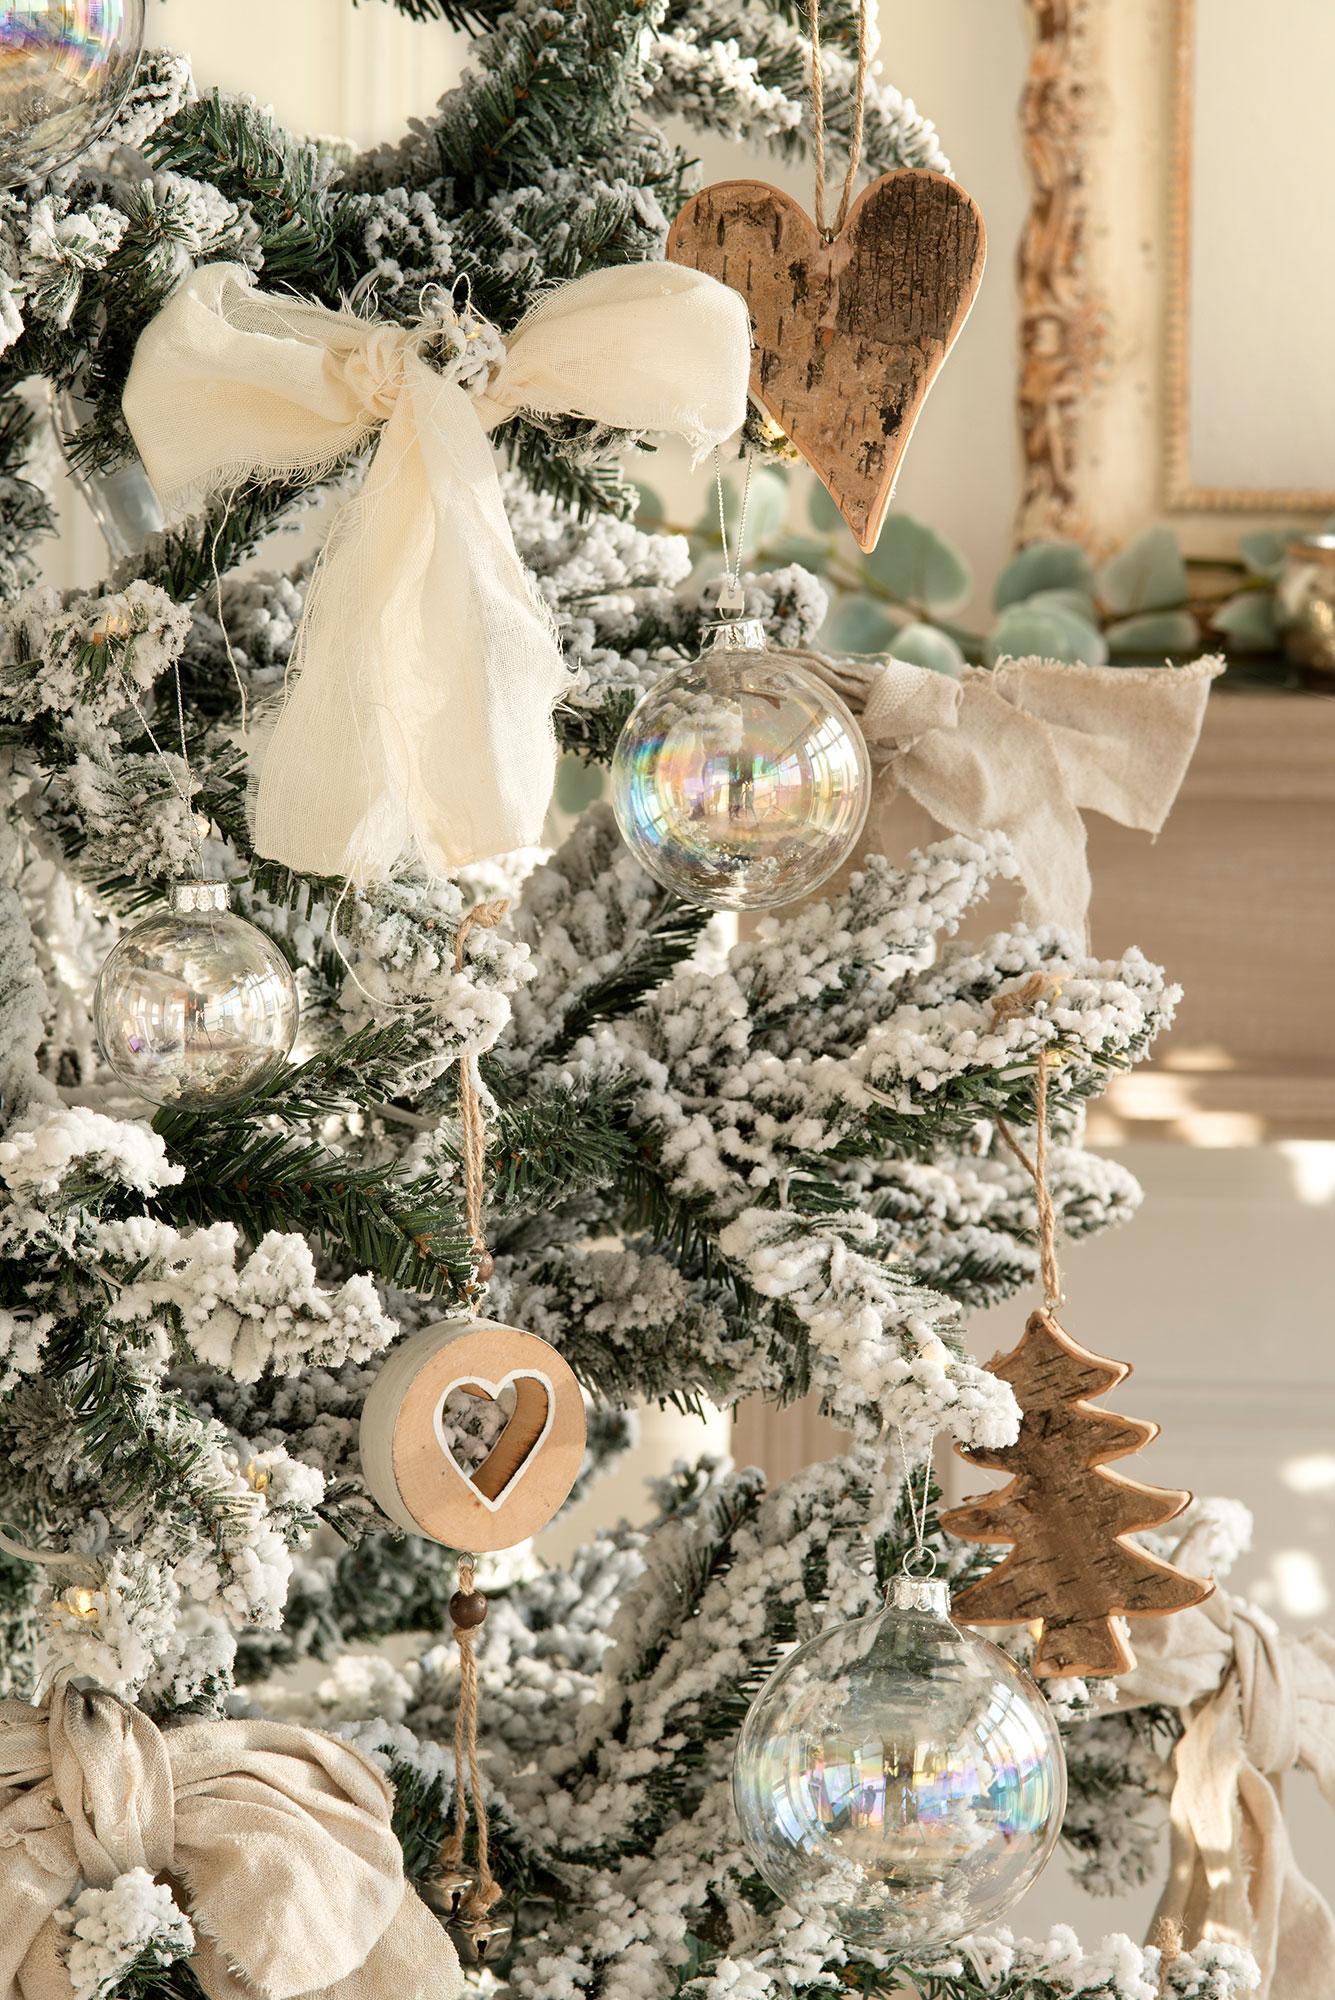 Ideas para decorar el rbol de navidad 3 rboles 3 estilos - Decorar letras de corcho blanco ...